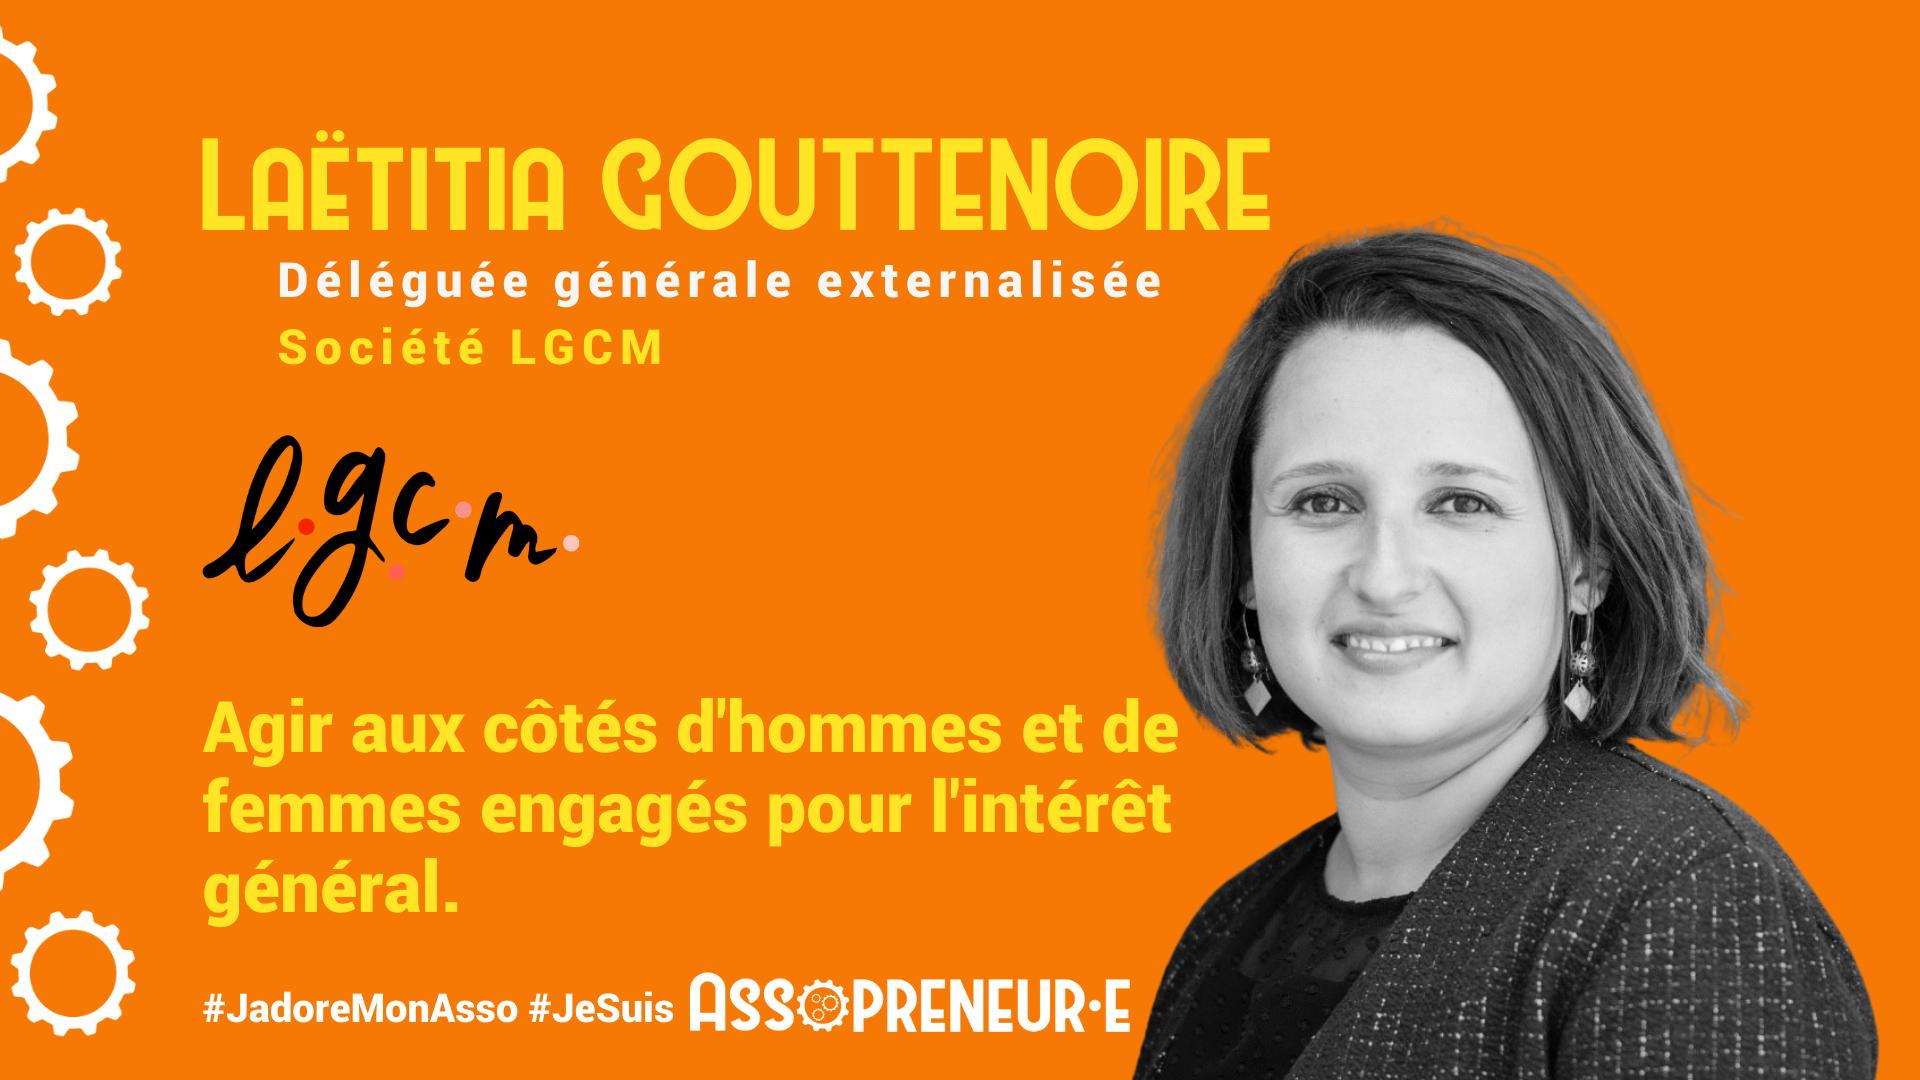 Laetitia Gouttenoire membre programme Assopreneur